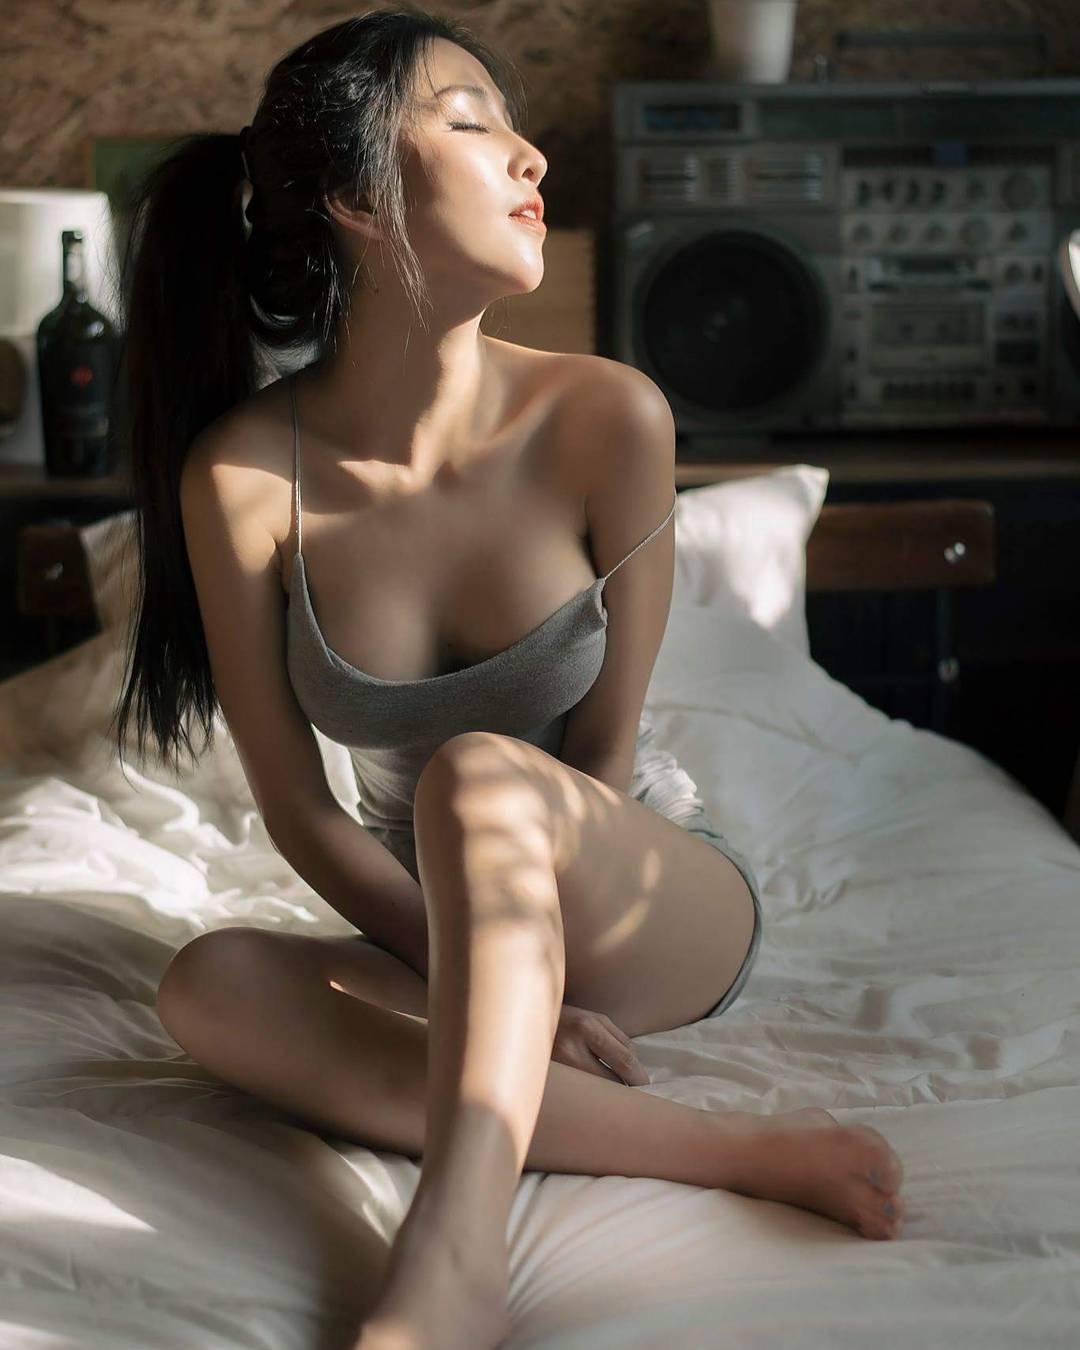 高颜值养眼妹子第五波:好身材的女孩运气都不会太差[20P]